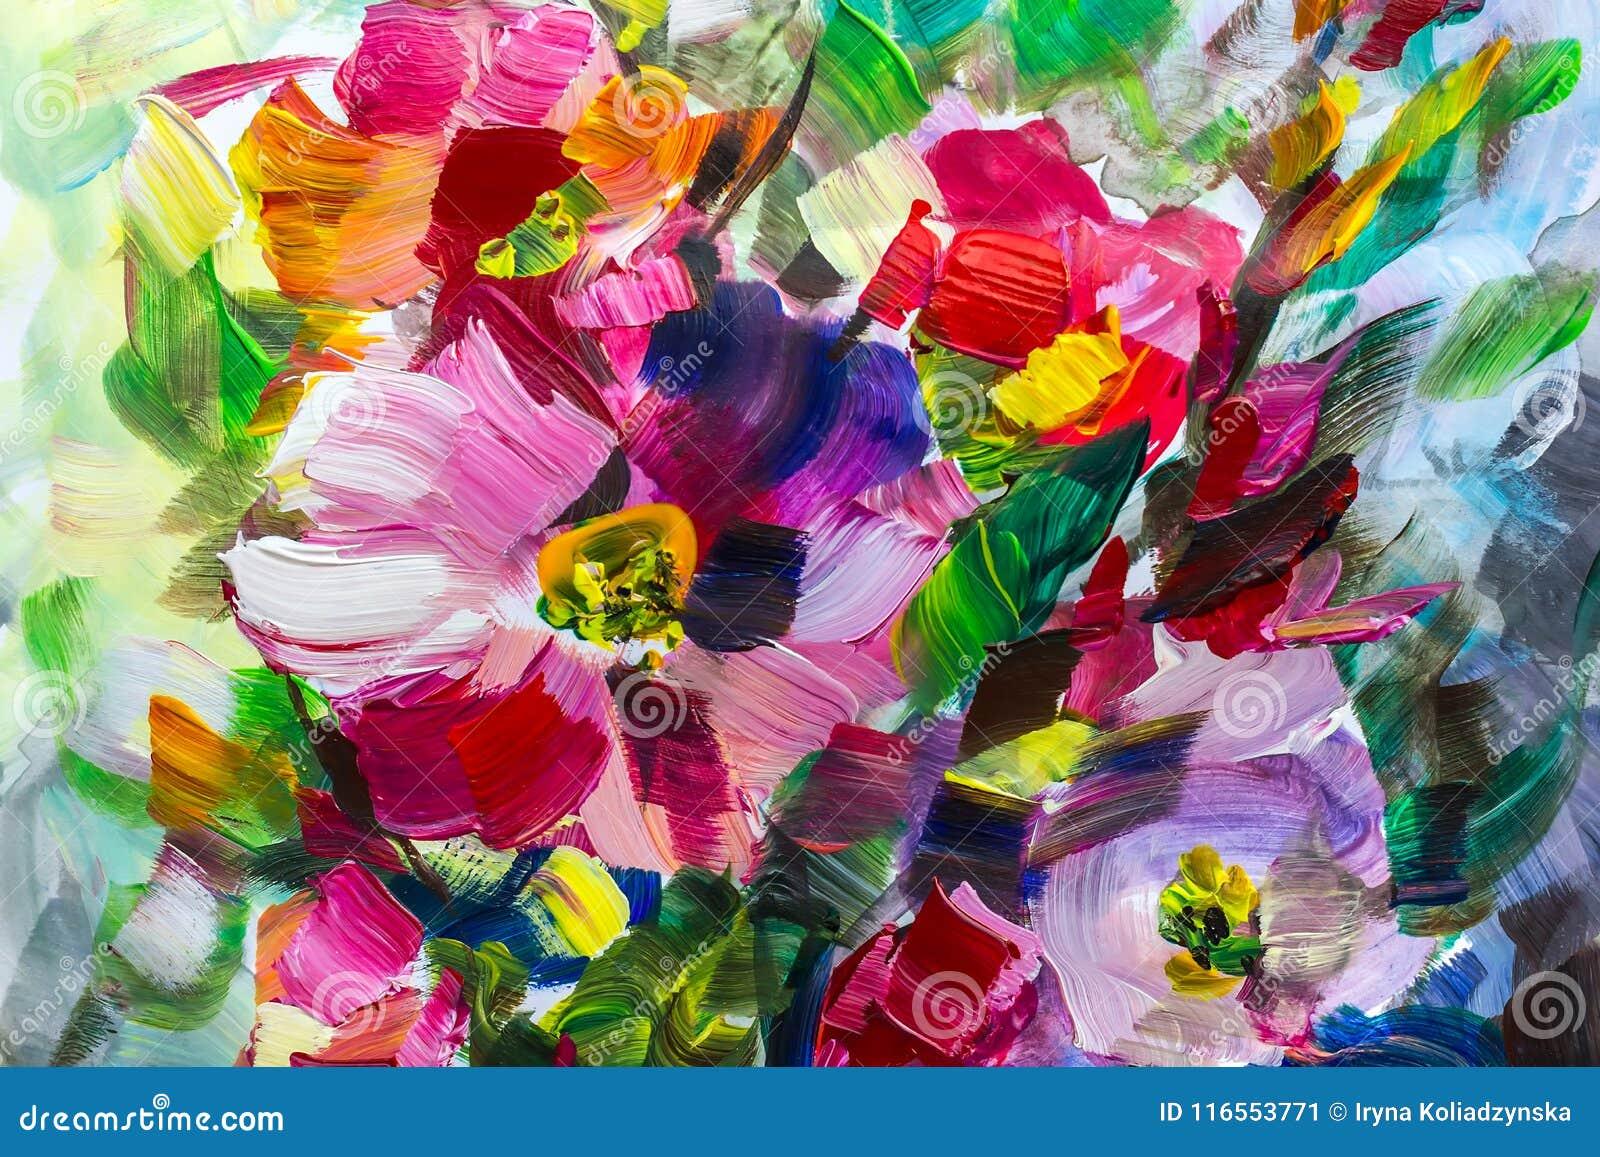 Tekstura obraz olejny kwitnie, malujący żywych kwiaty, kwiecistych